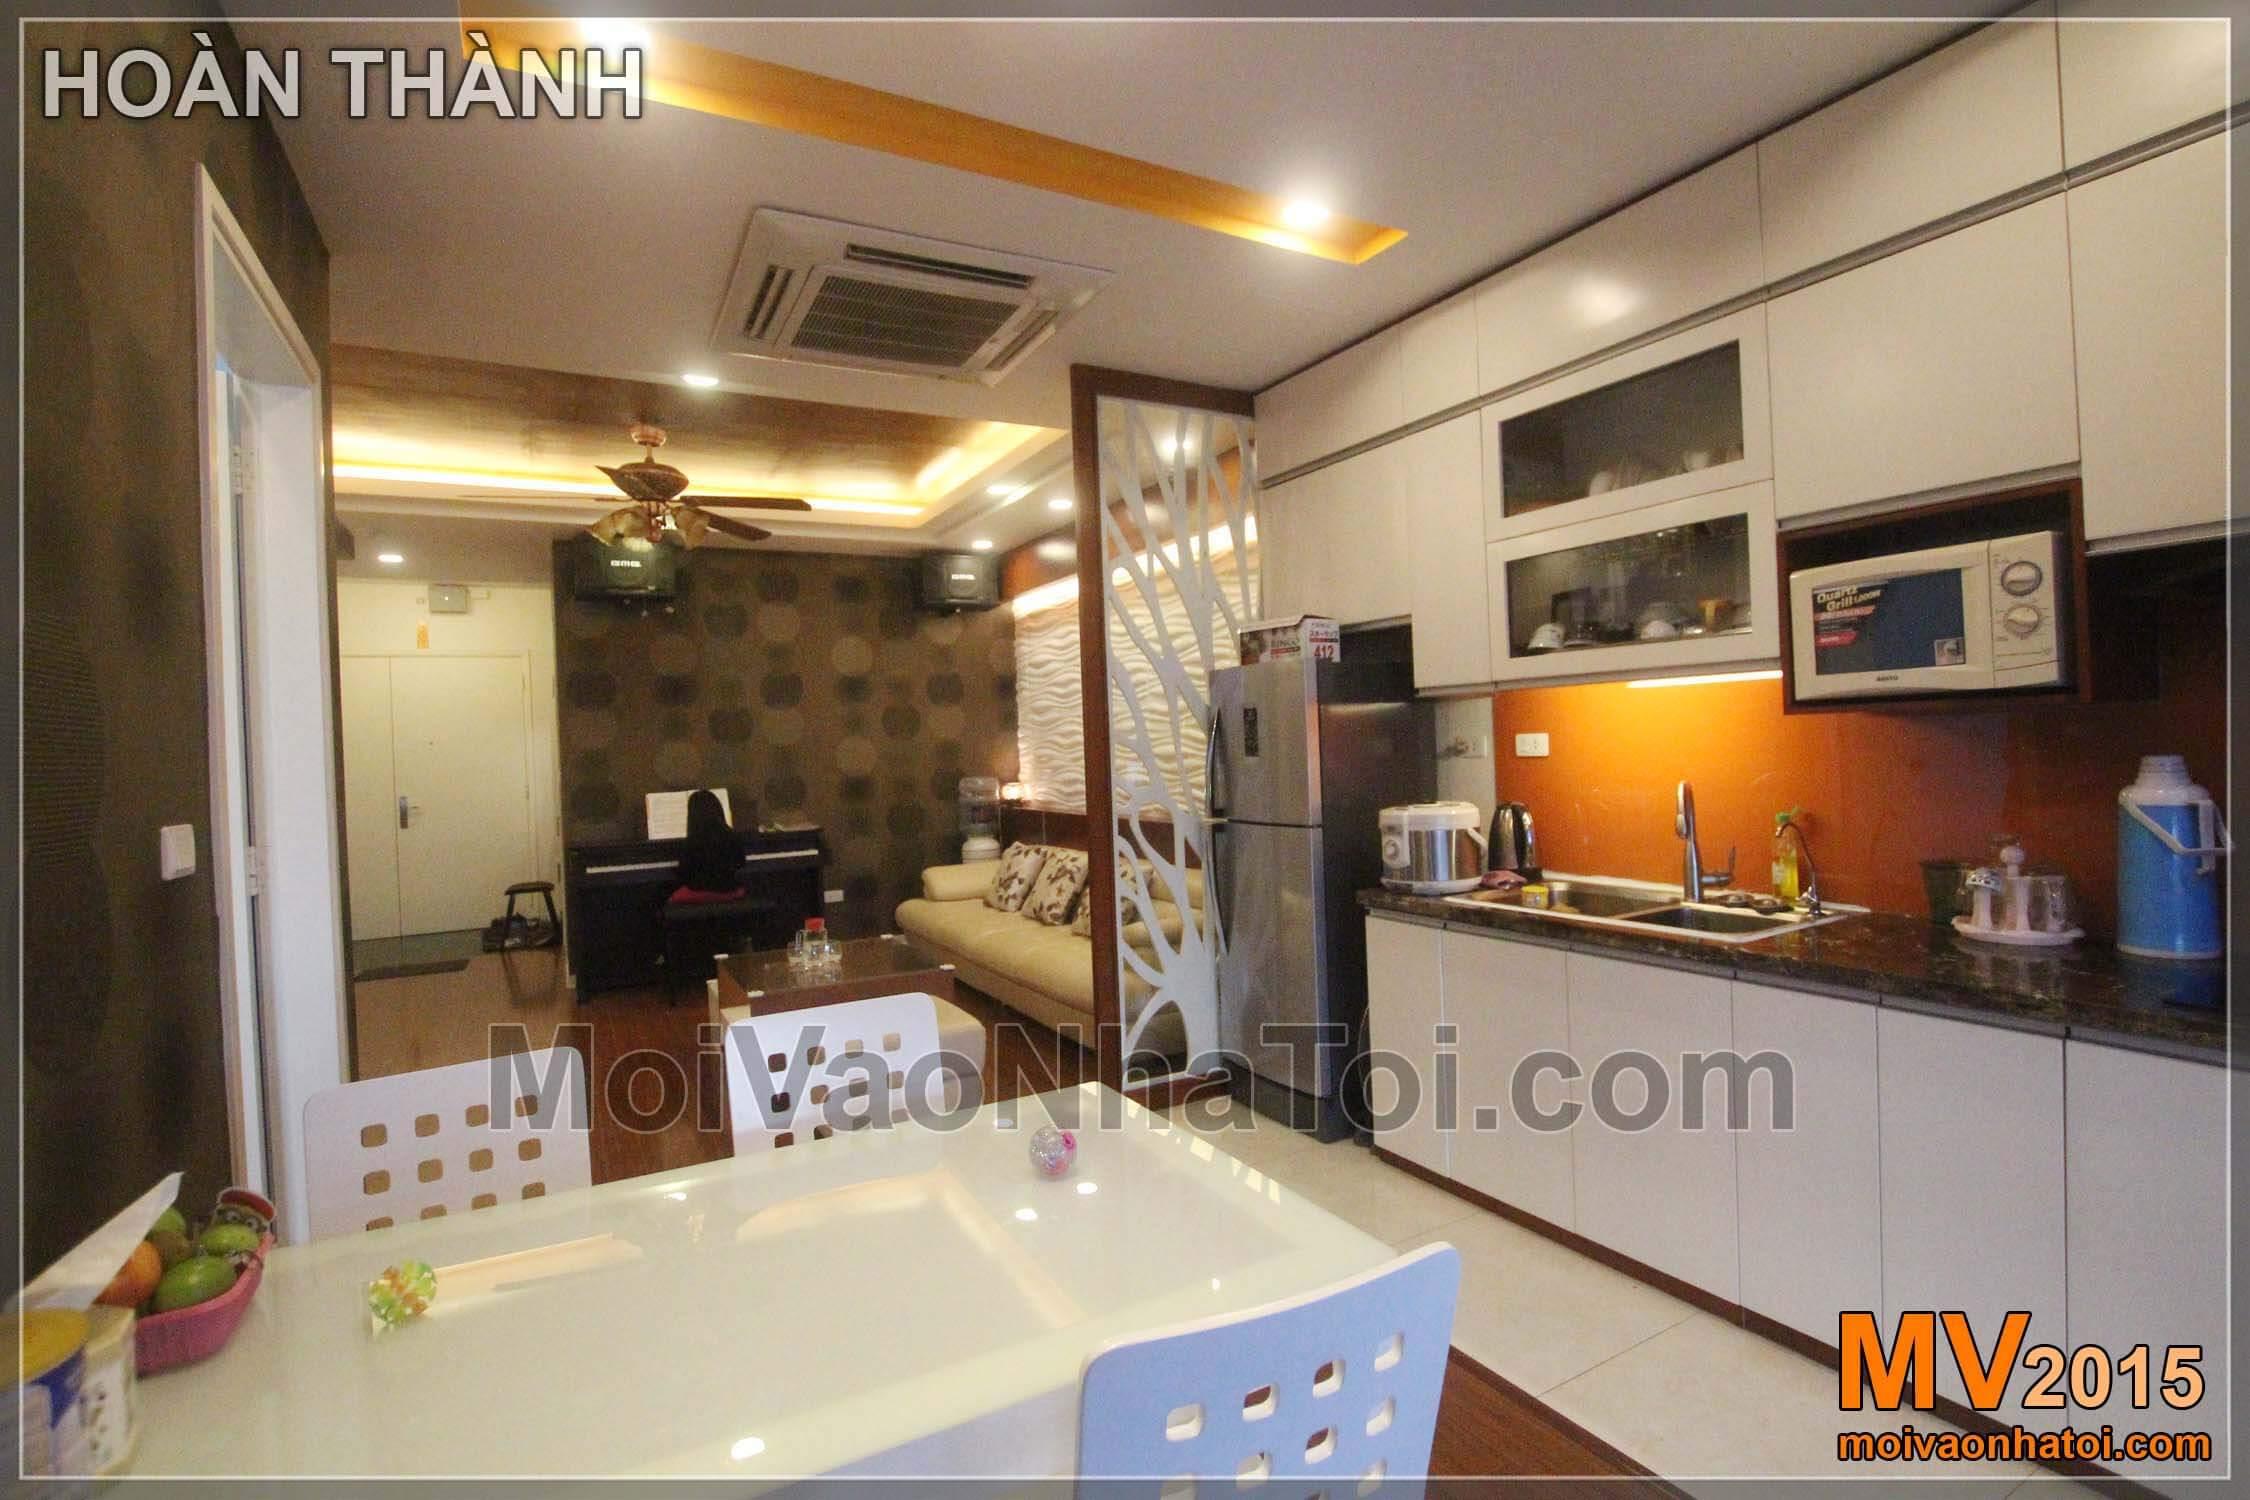 Thiết kế nội thất phòng bếp ăn tiện nghi sau khi hoàn thiện